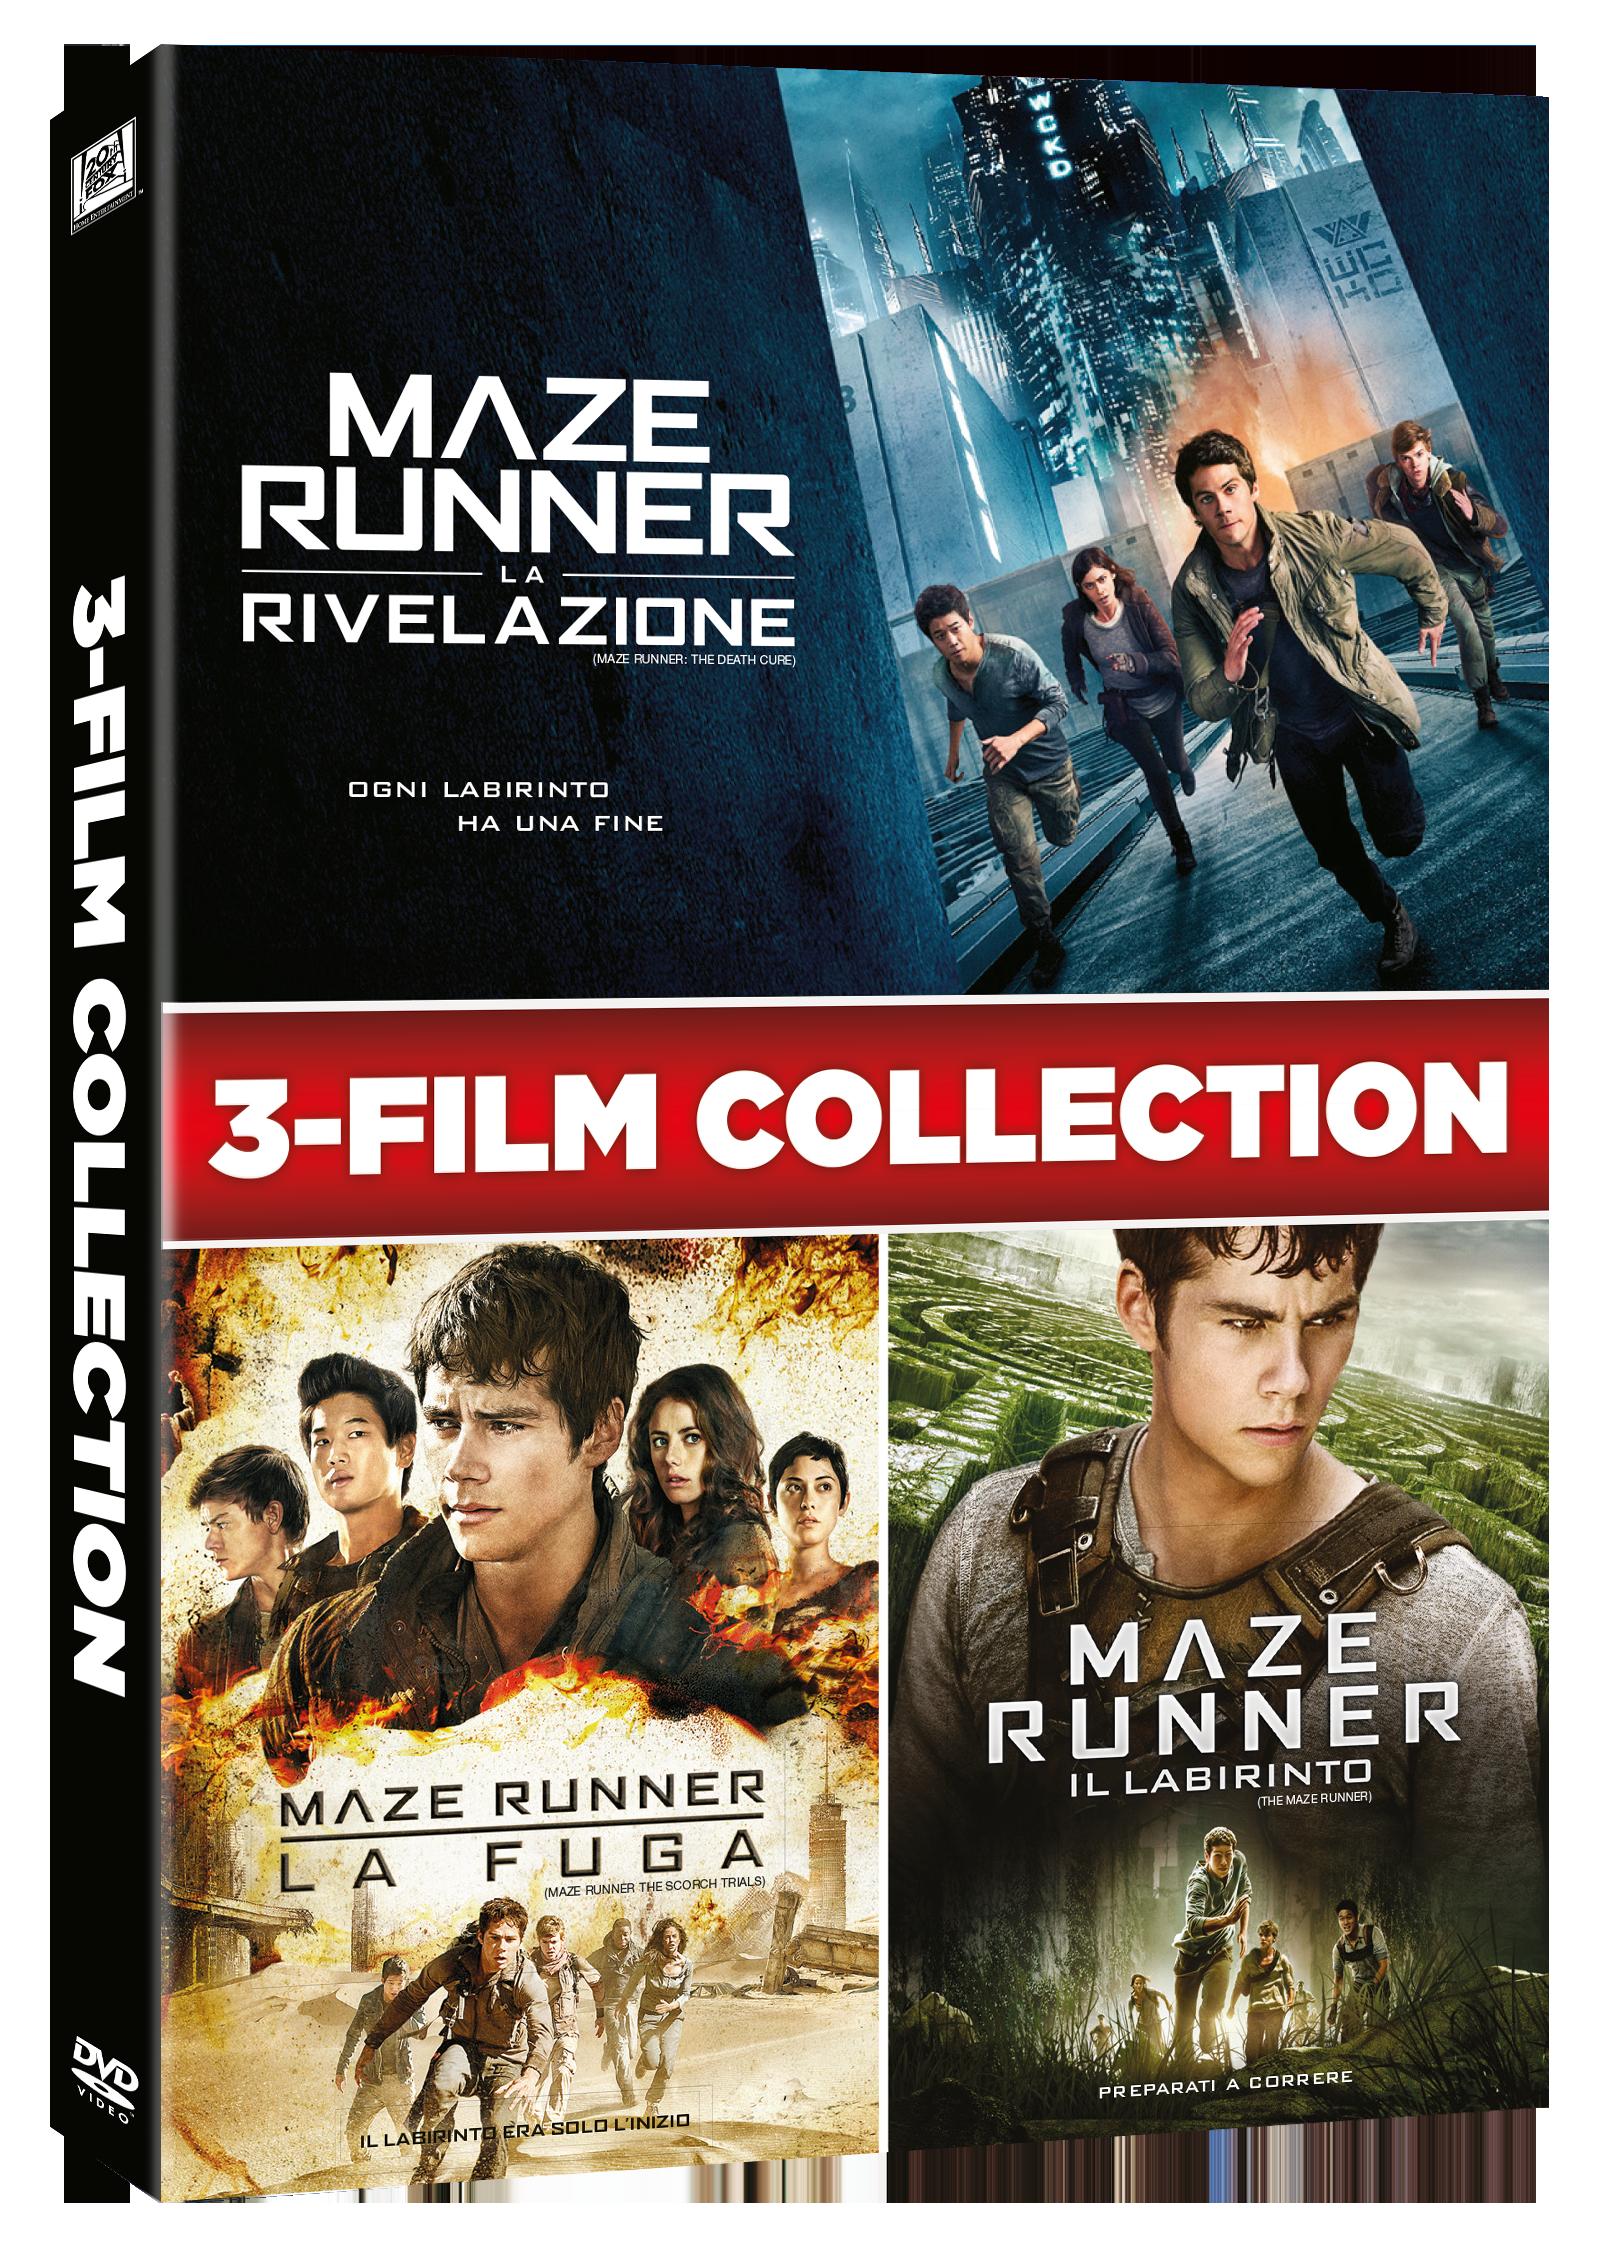 MazeRunner_Unieuro_3Film_Pack_DVD